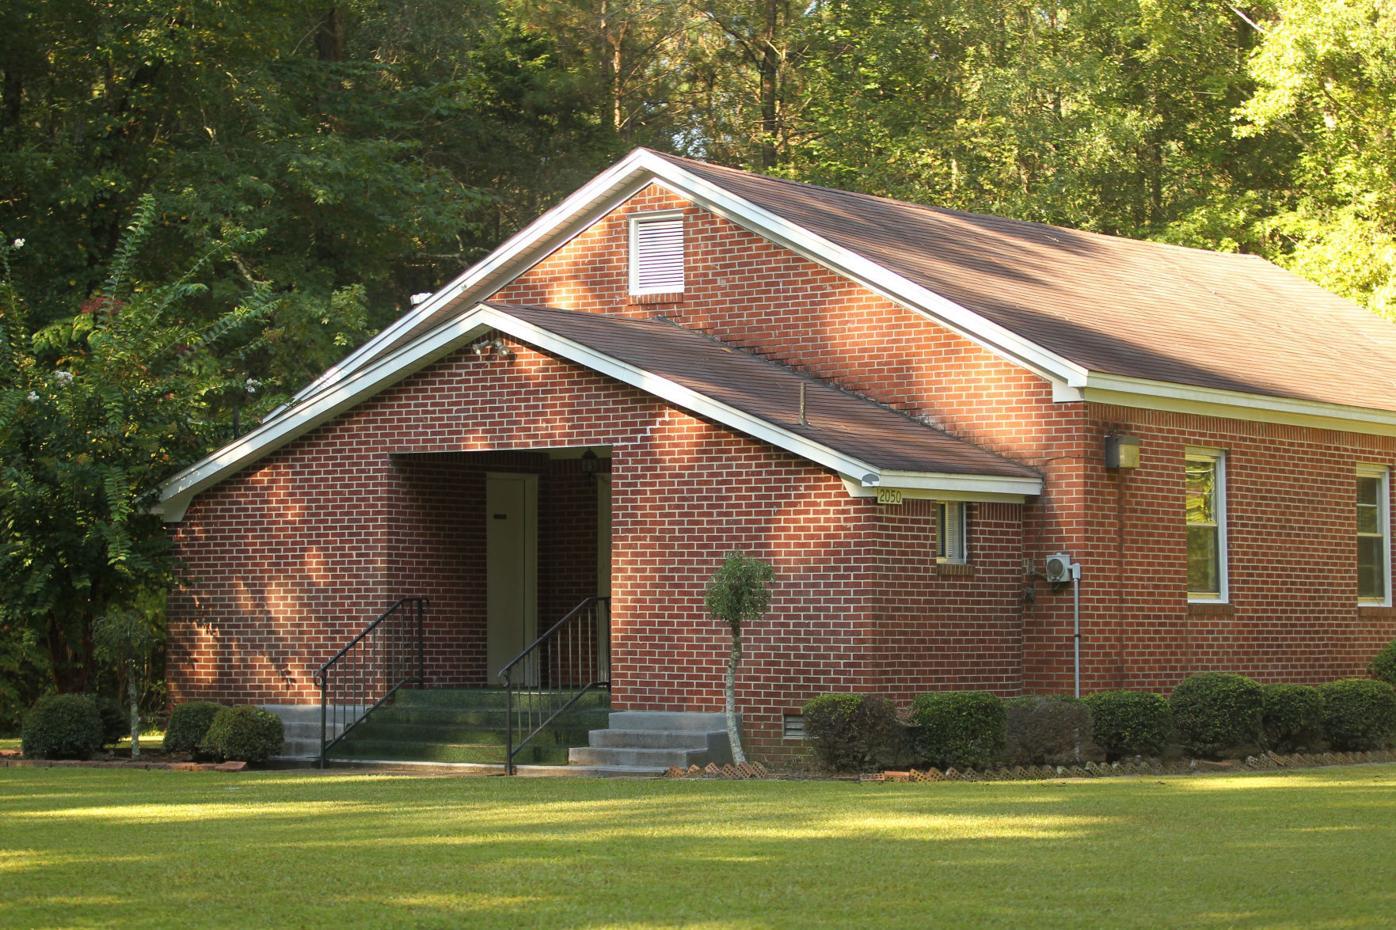 djr-2021-09-15-news-church-enon-church-twp1